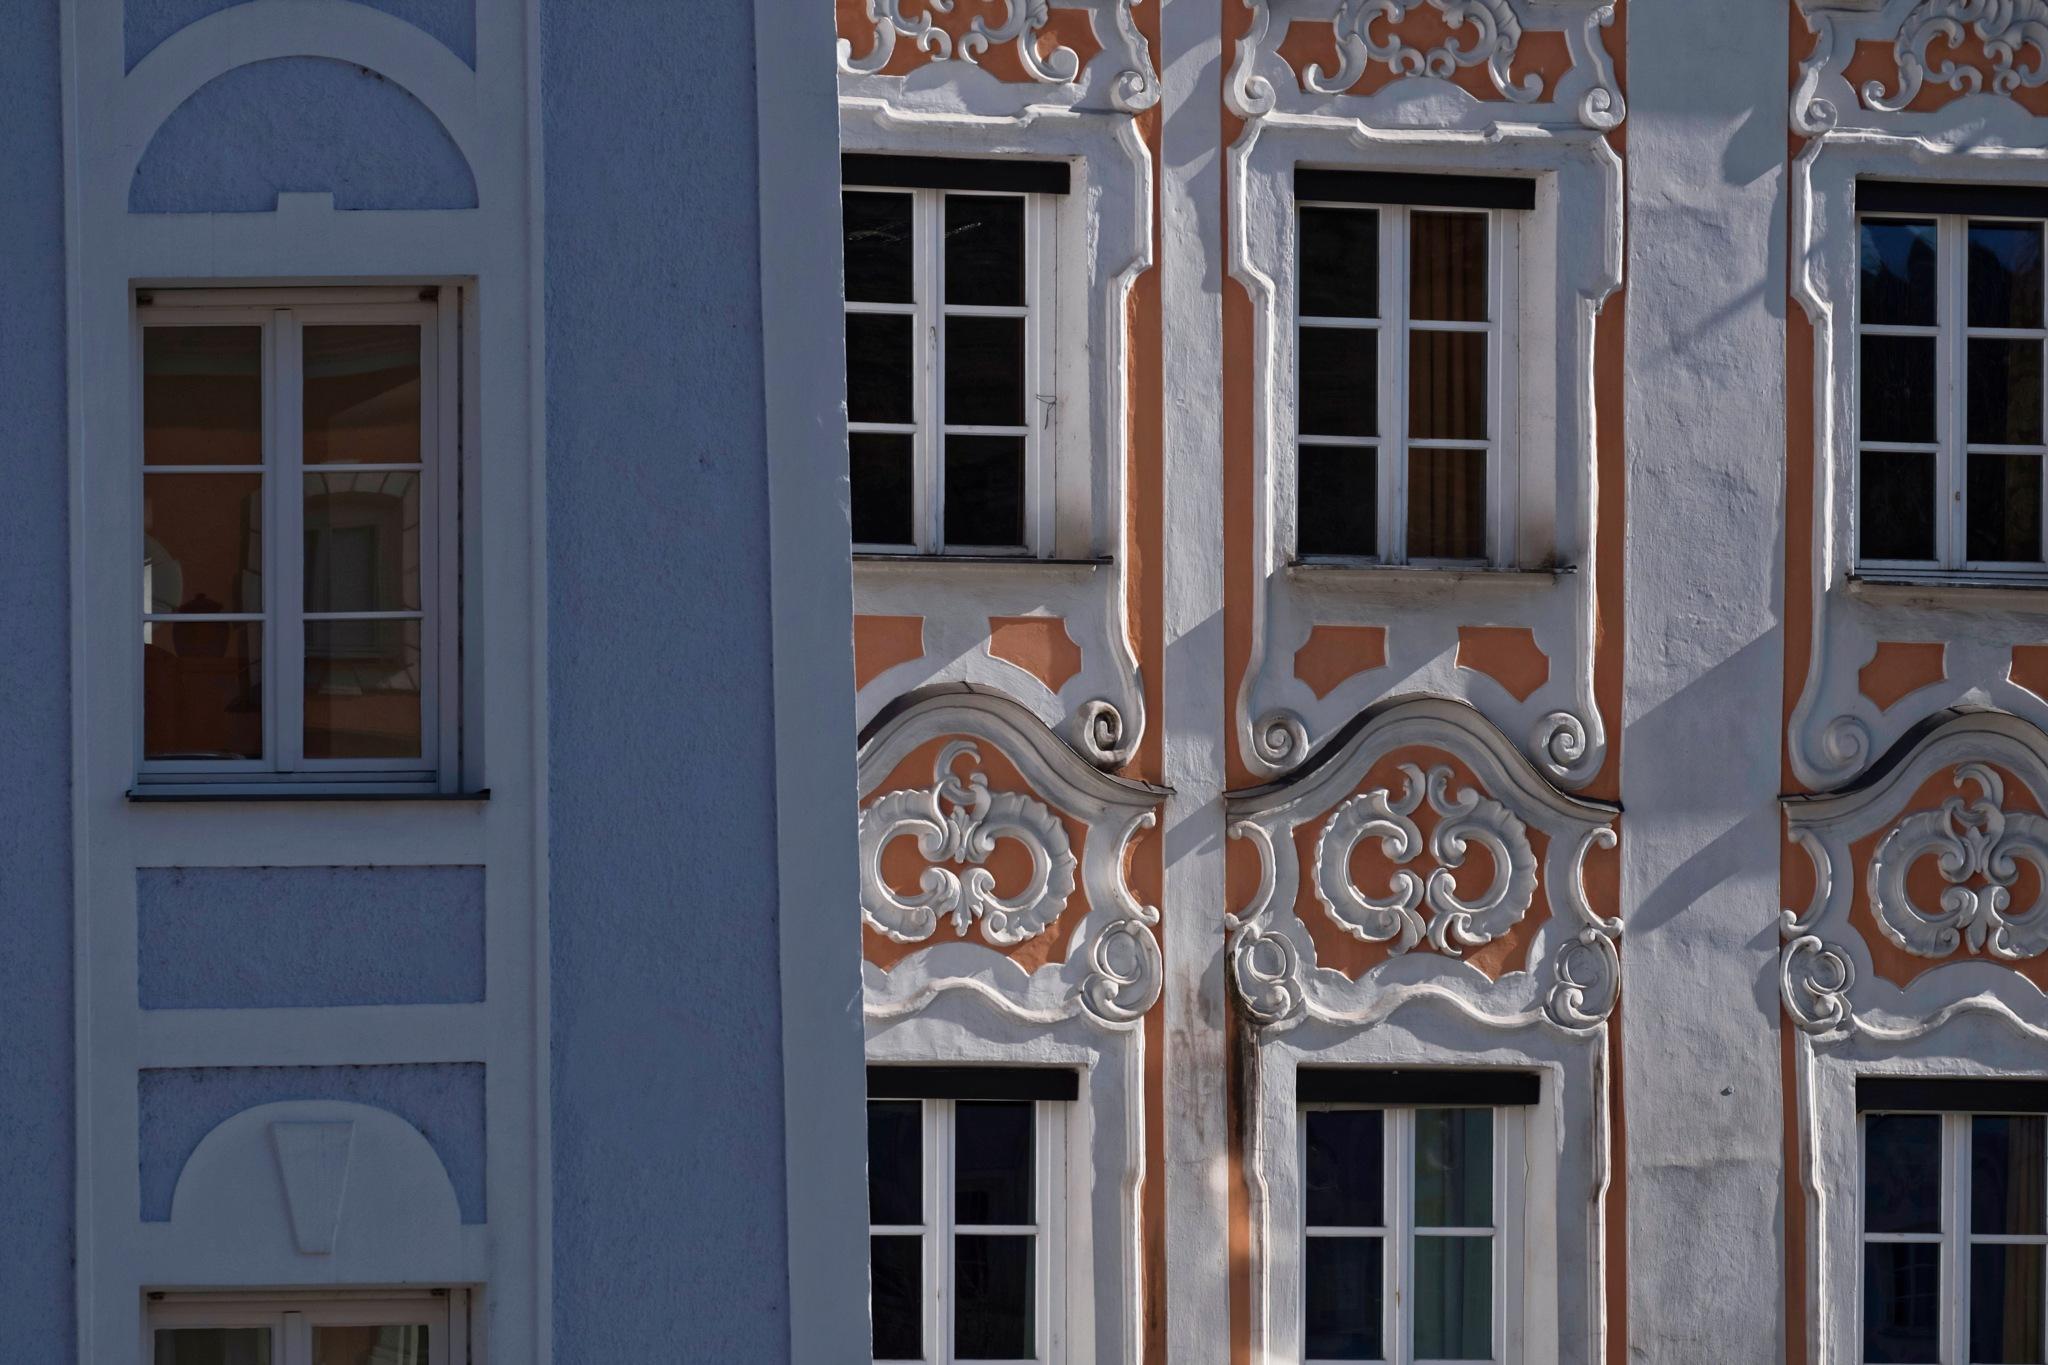 Burghausen by Werner Polwein